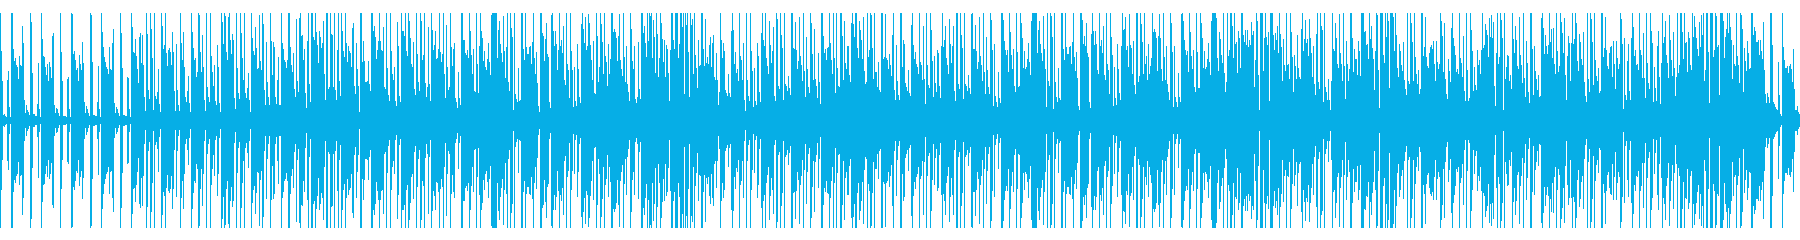 さわやかなアコギとフルートとカリンバの再生済みの波形